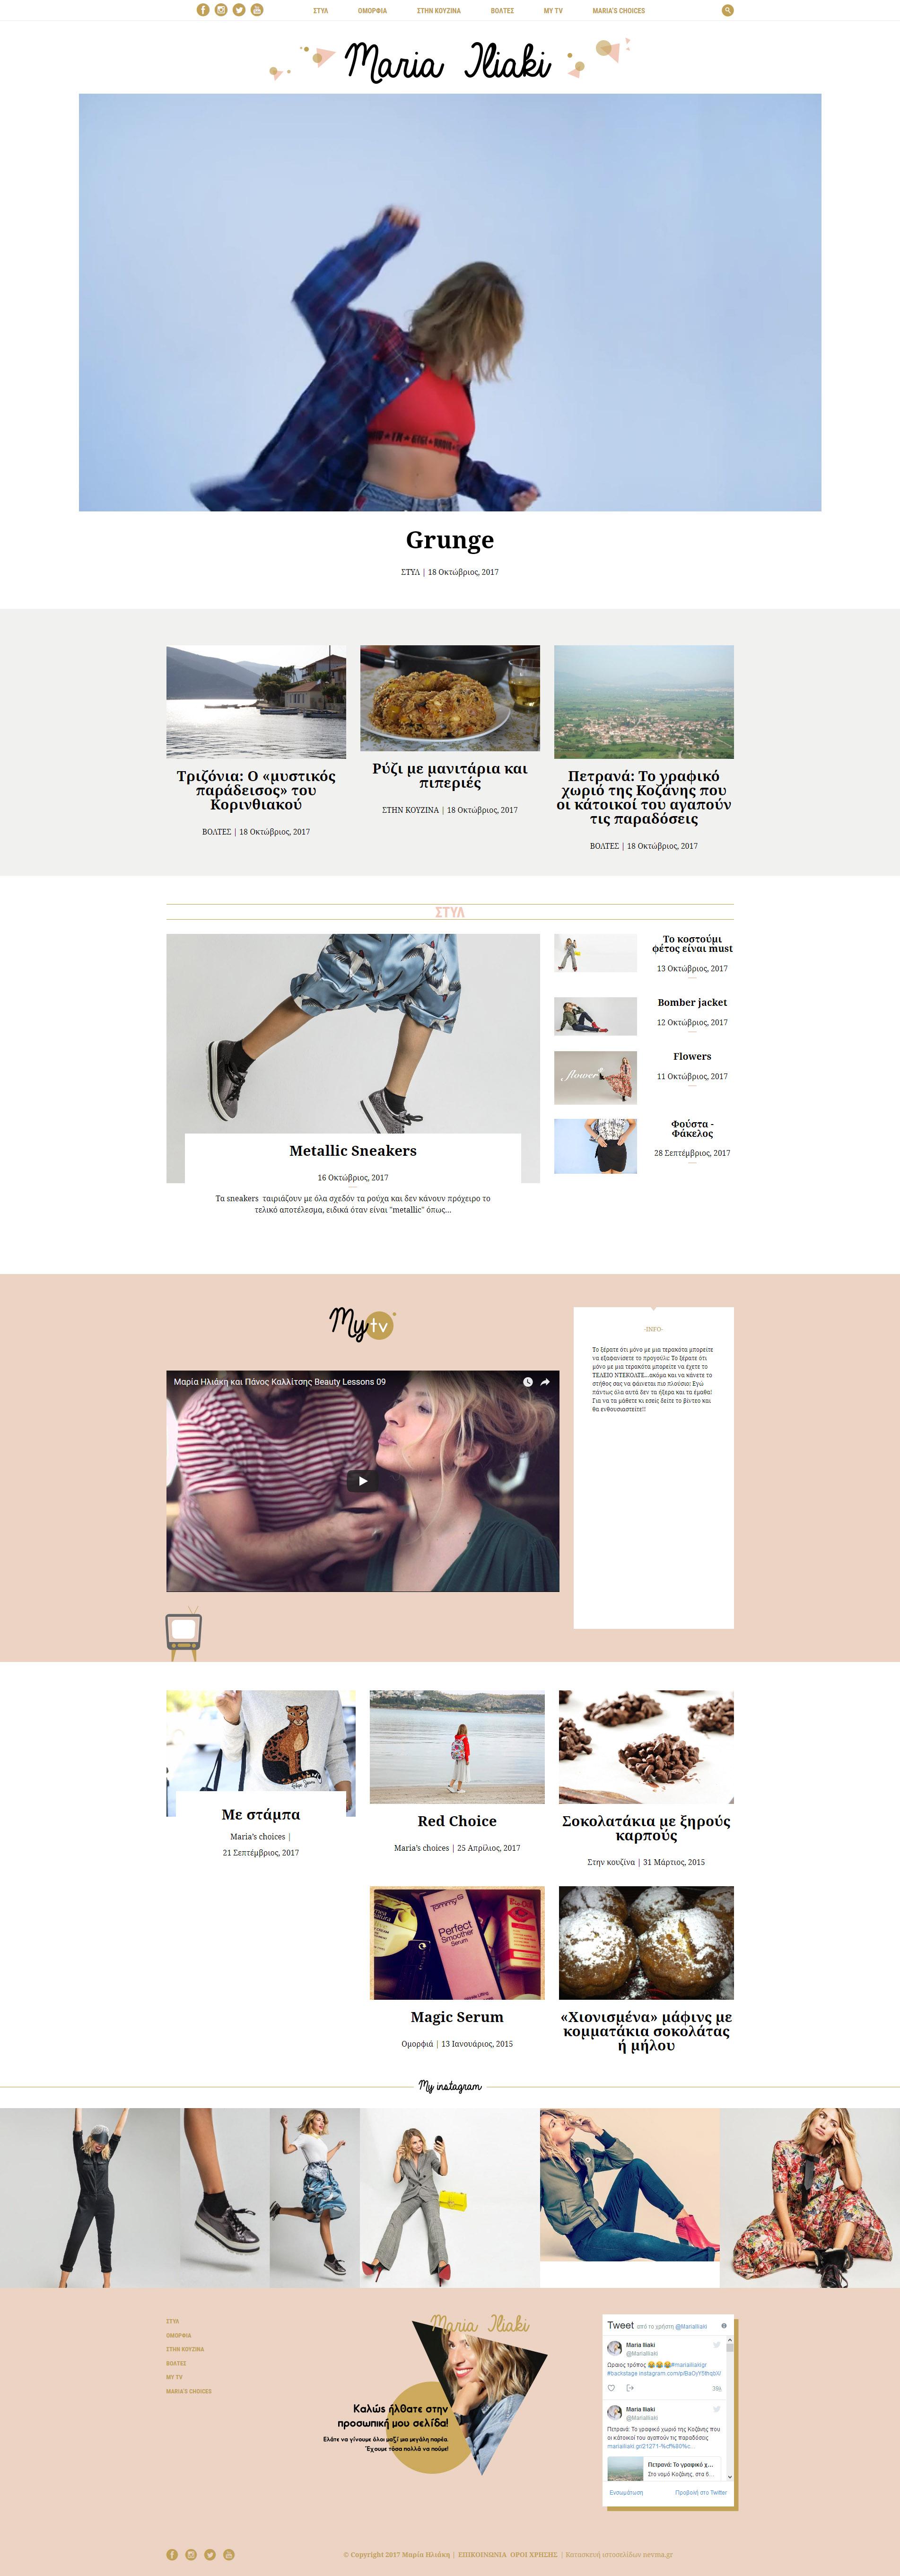 iliaki-Website-1.jpg